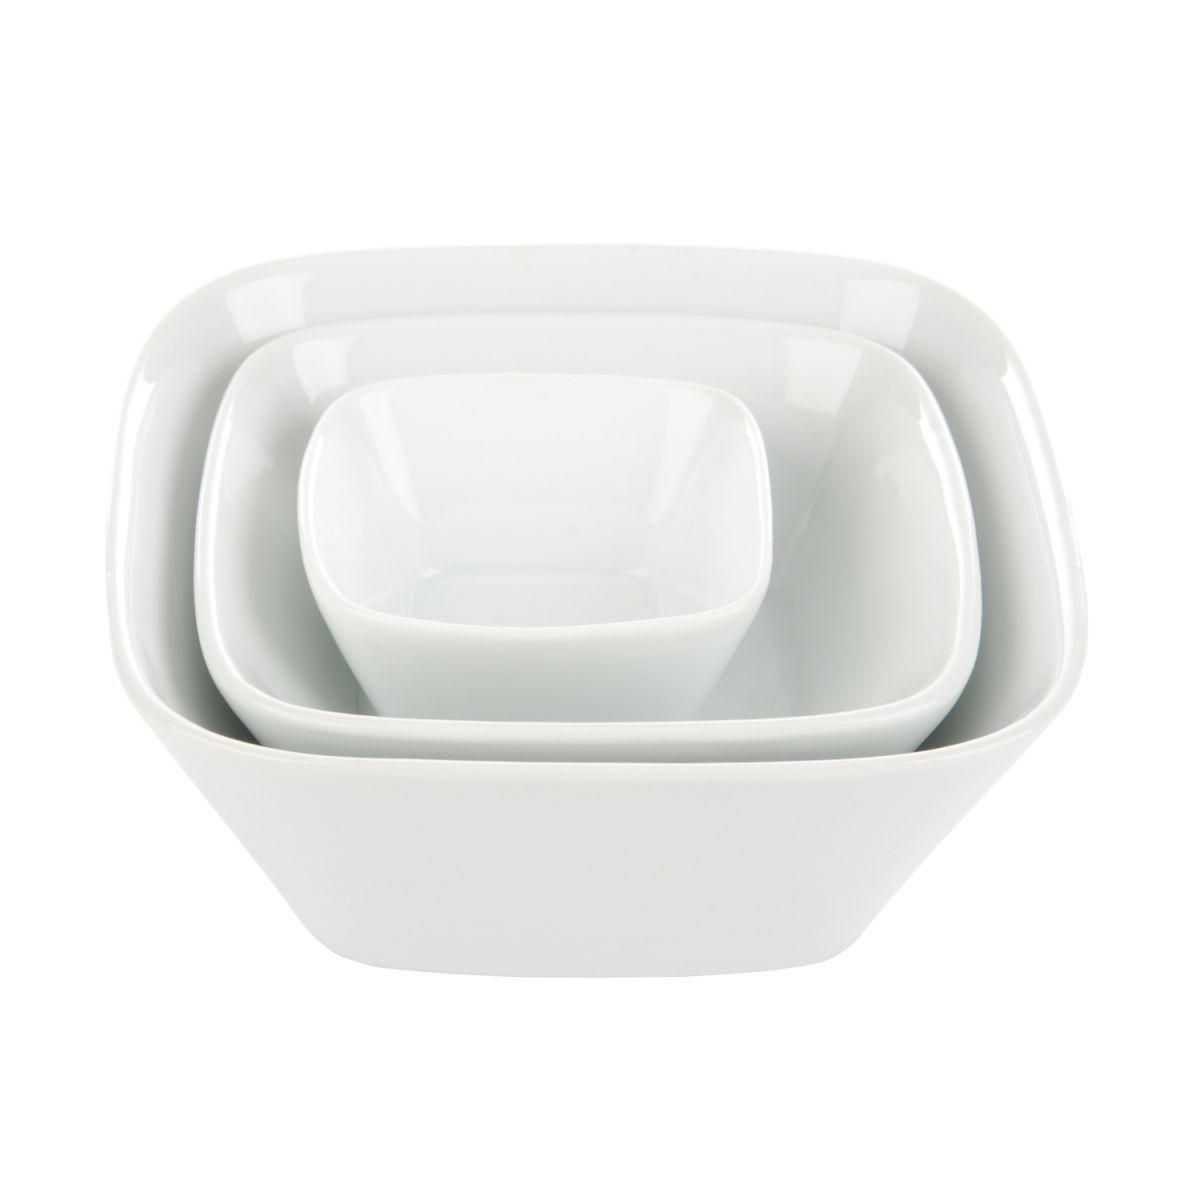 bowl square 13 x 13 x 5 cm box6